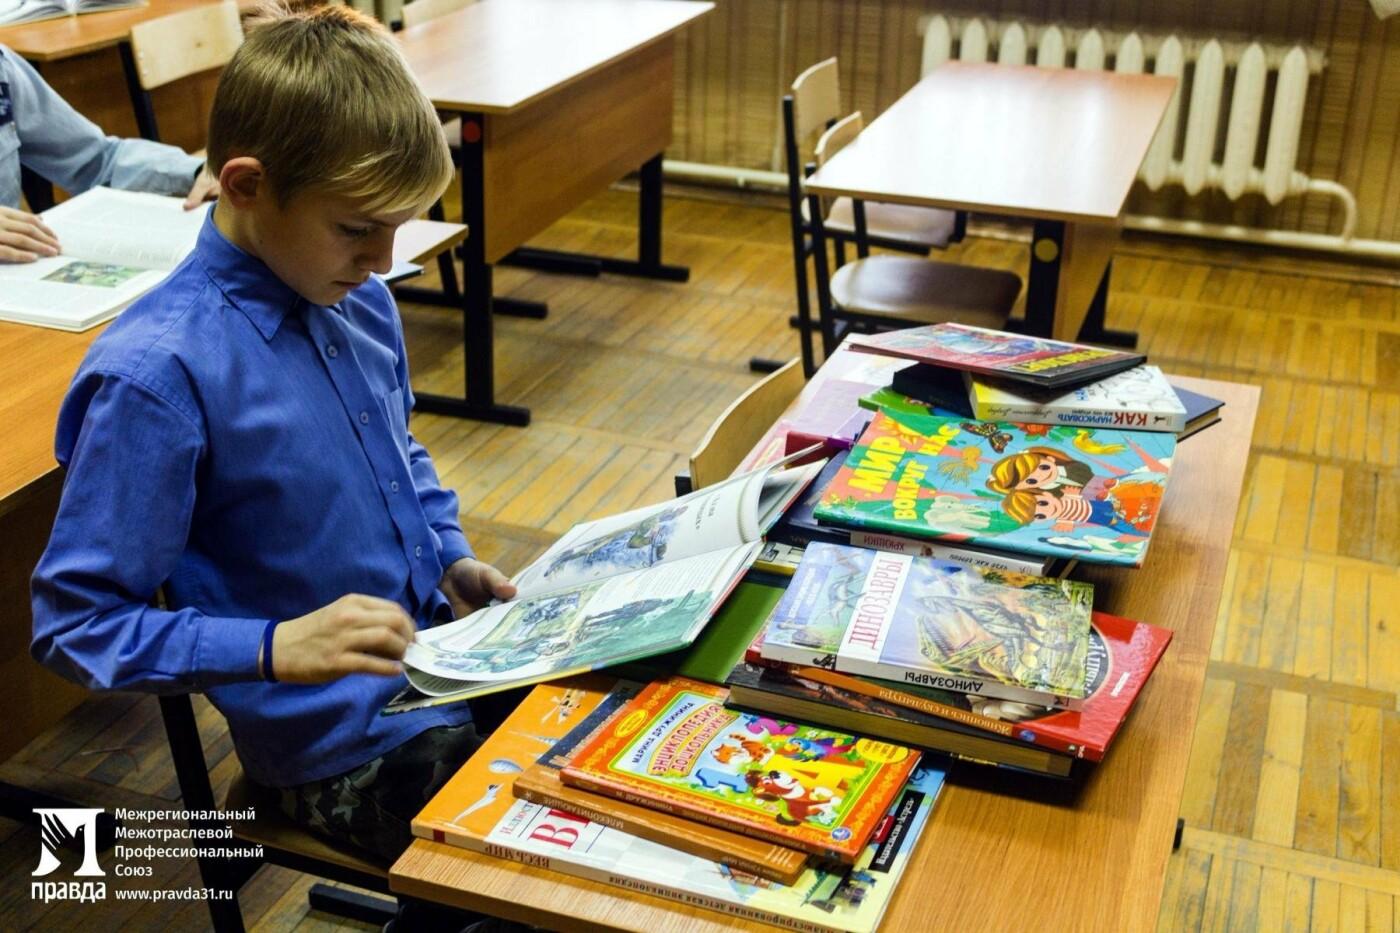 Профсоюз «Правда» подвёл итоги благотворительной акции «Книги детям», фото-2